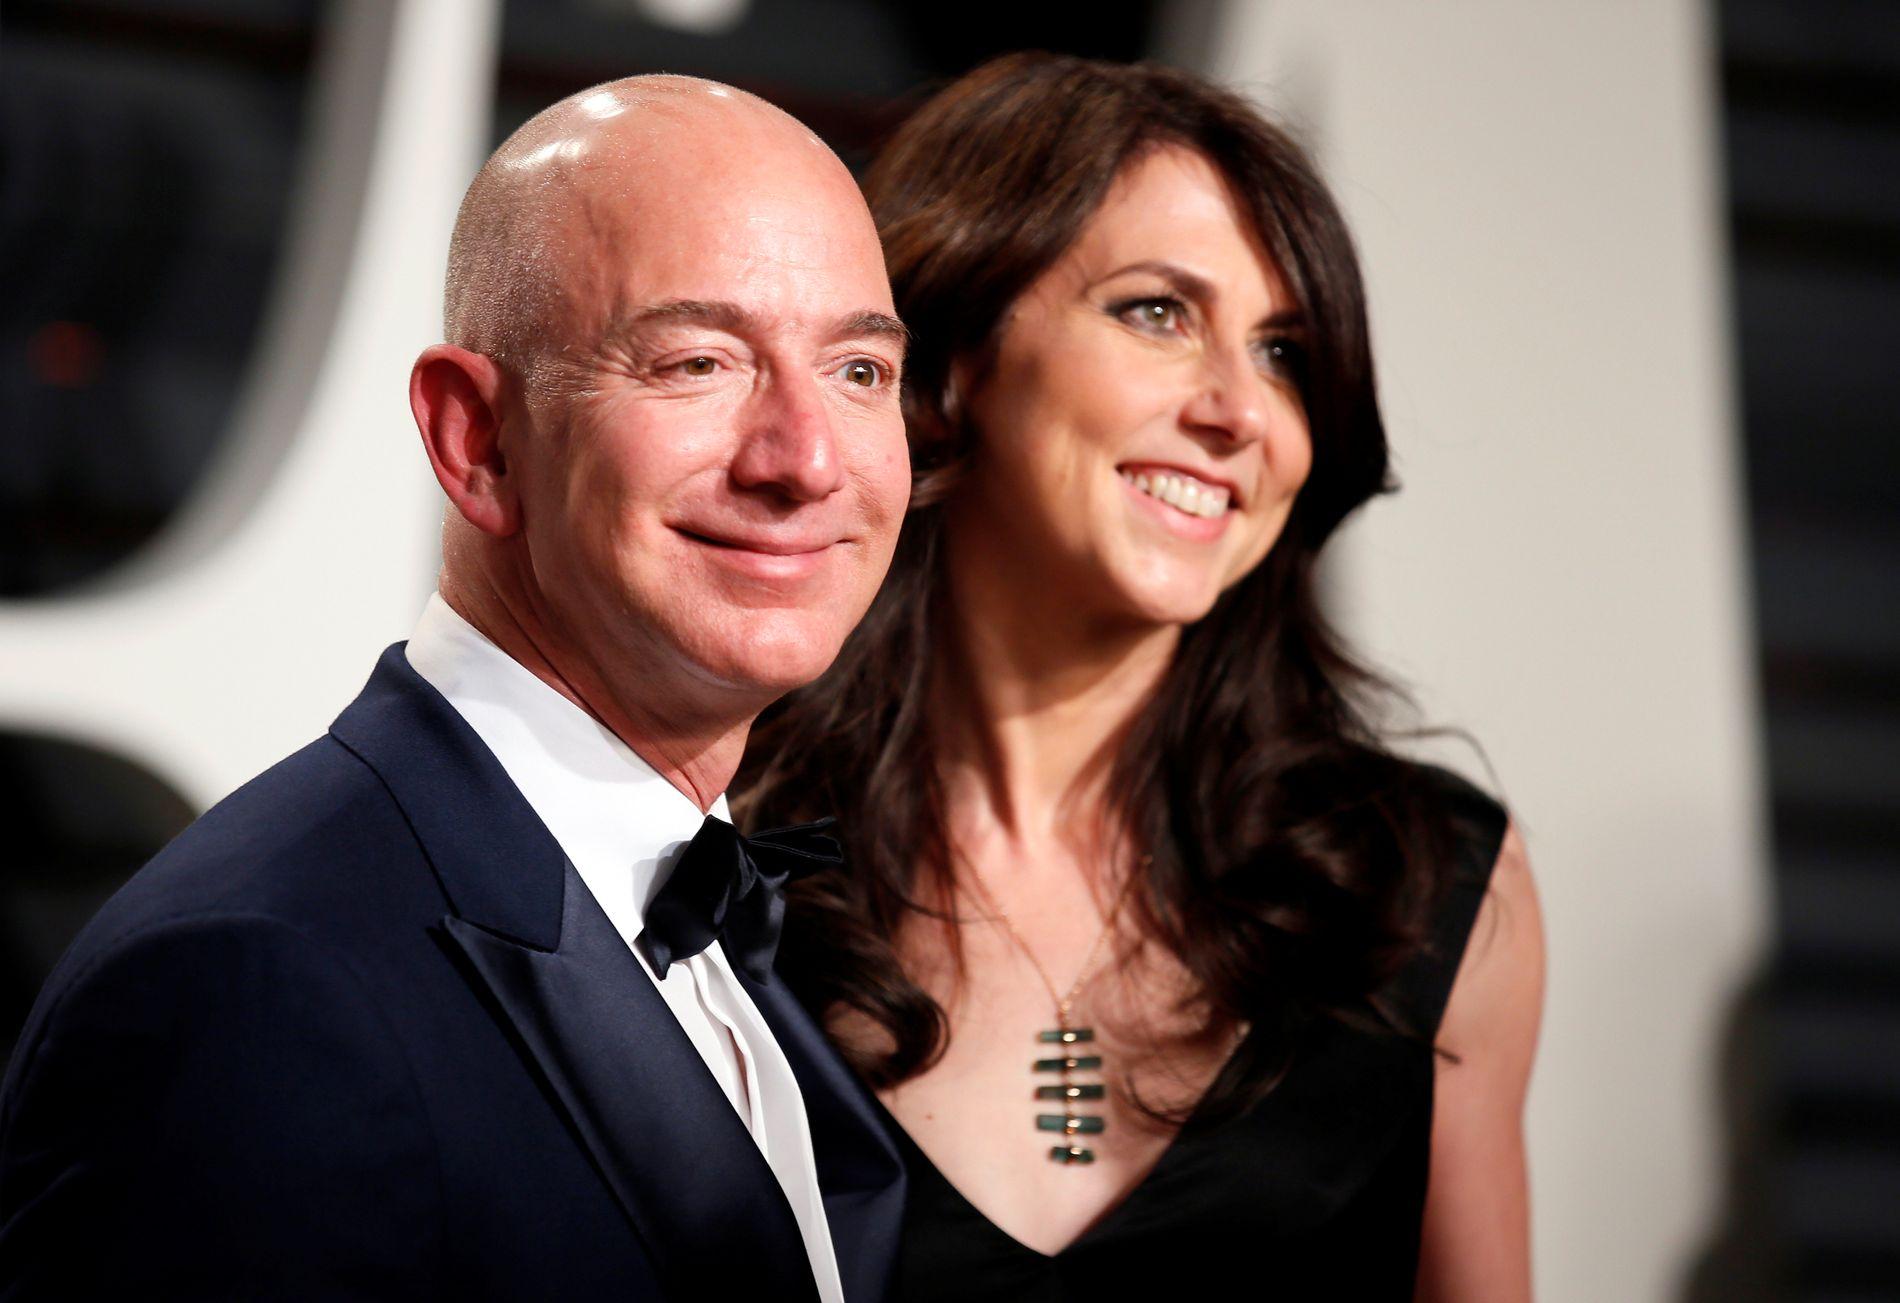 BEZOS OG EKSKONA: Skismisse-oppgjøret gjør MacKenzie Bezos til verdens tredje rikeste kvinne. Jeff Bezos er fortsatt verdens rikeste mann.